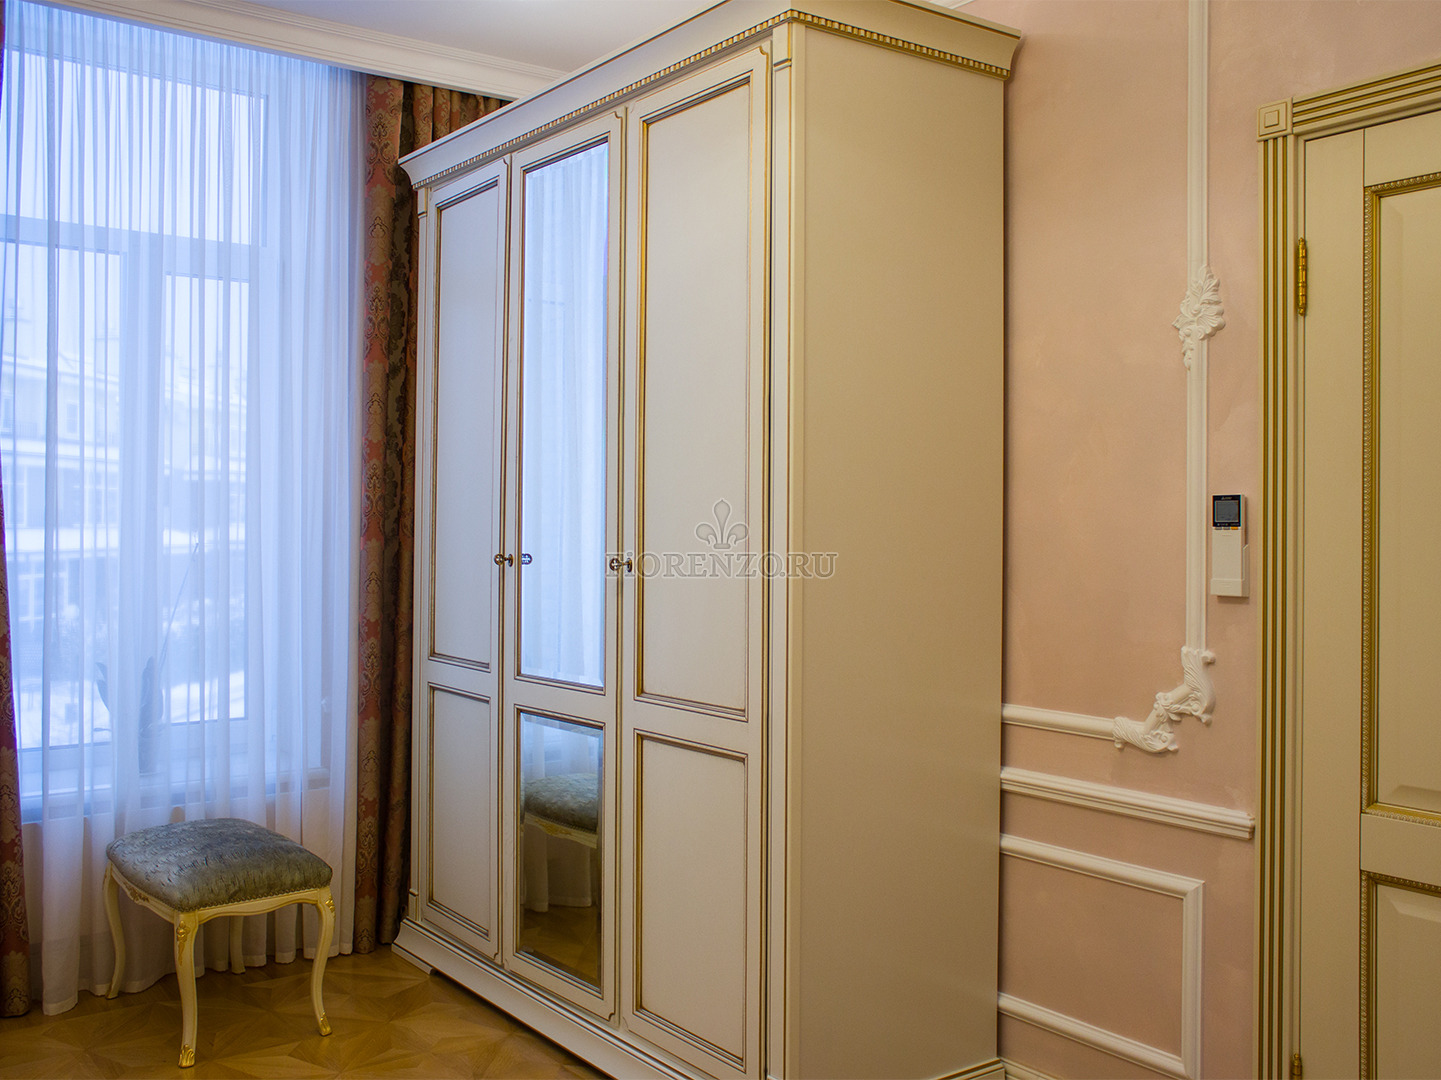 Шкаф в спальню из МДФ